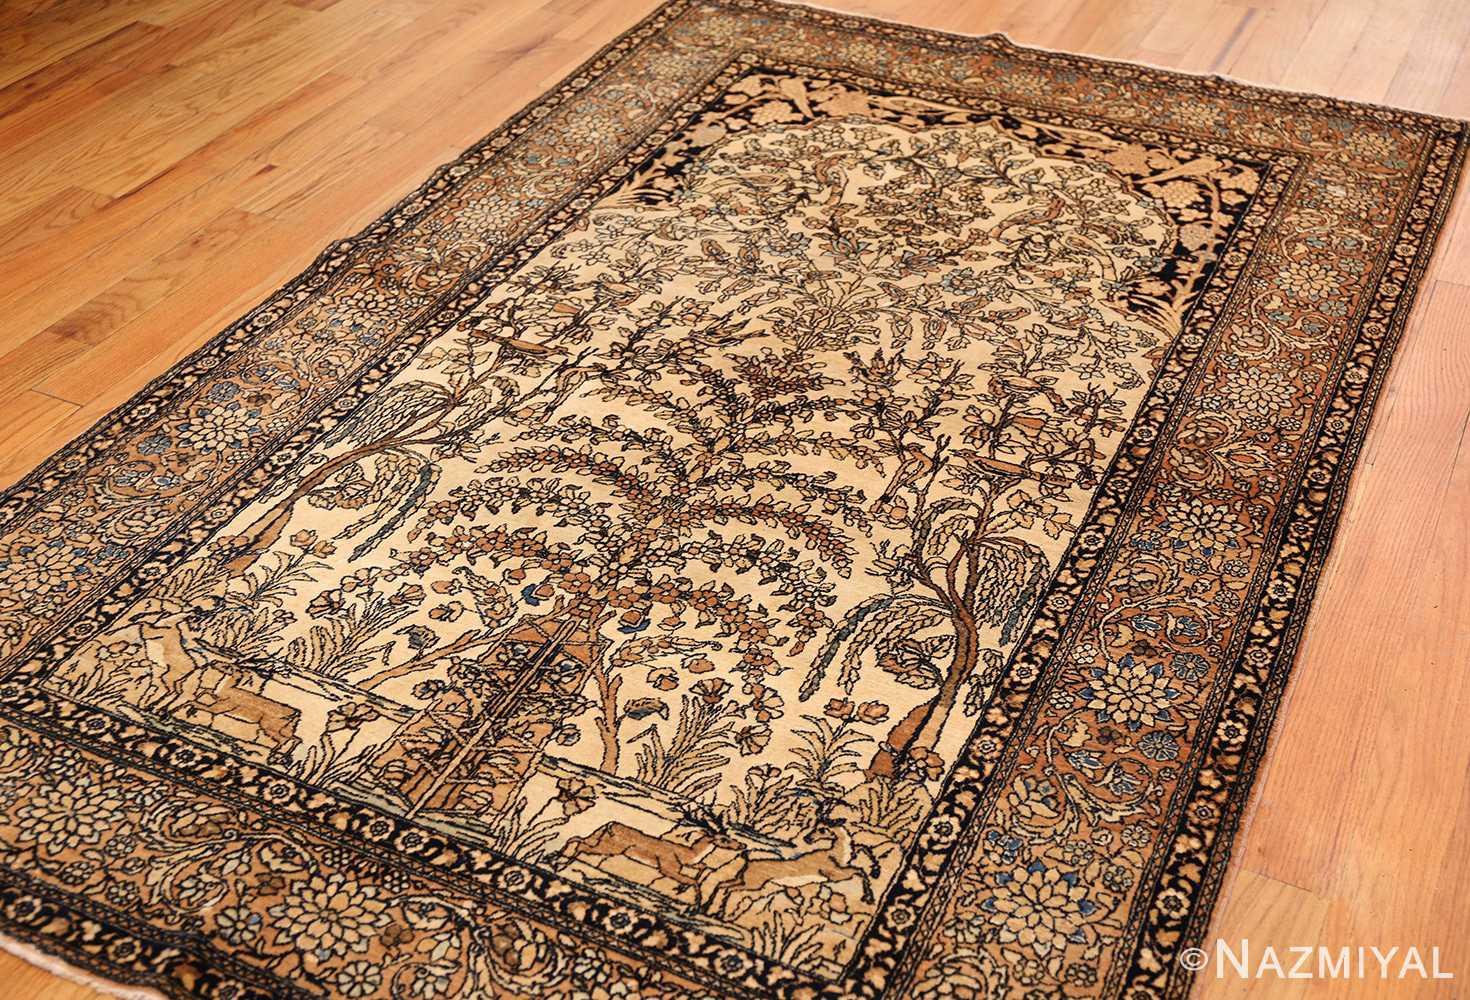 antique prayer design persian isfahan rug 50645 side Nazmiyal